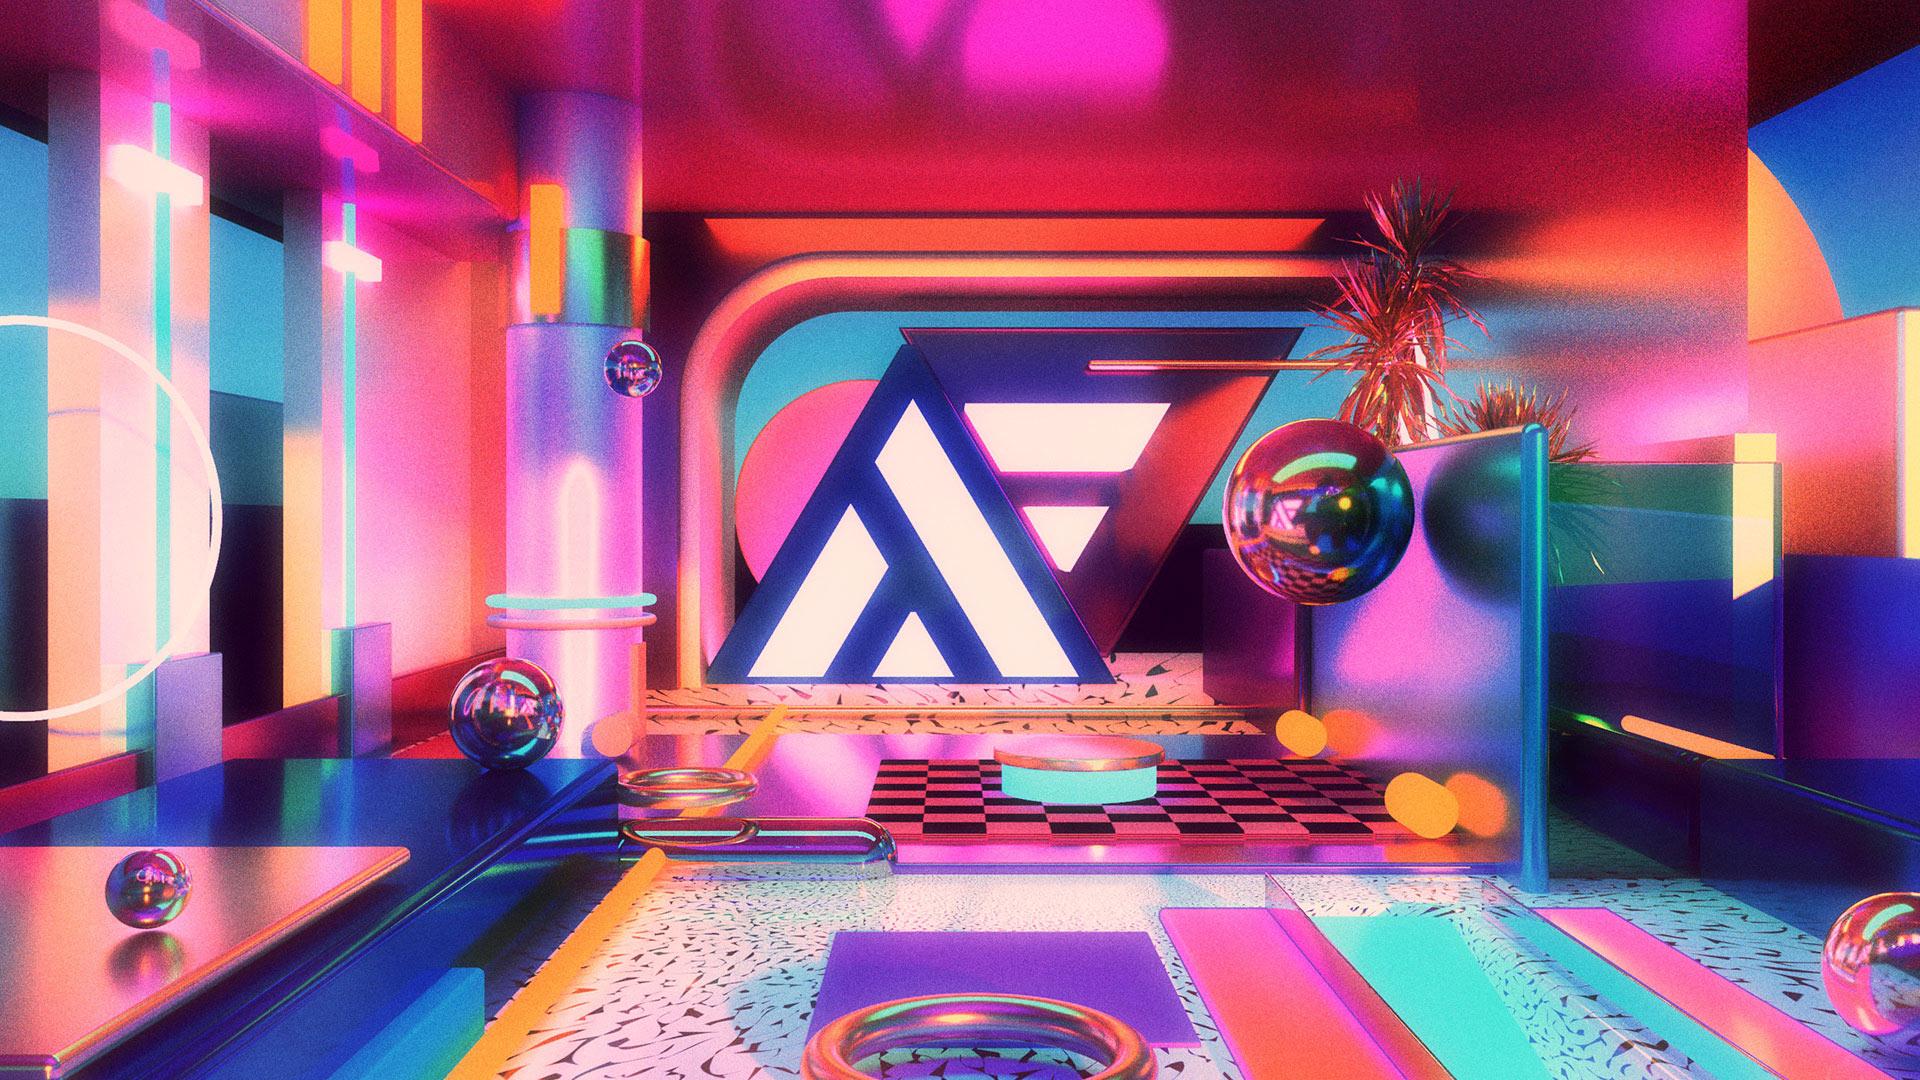 avantform_launch_reel_022_opt